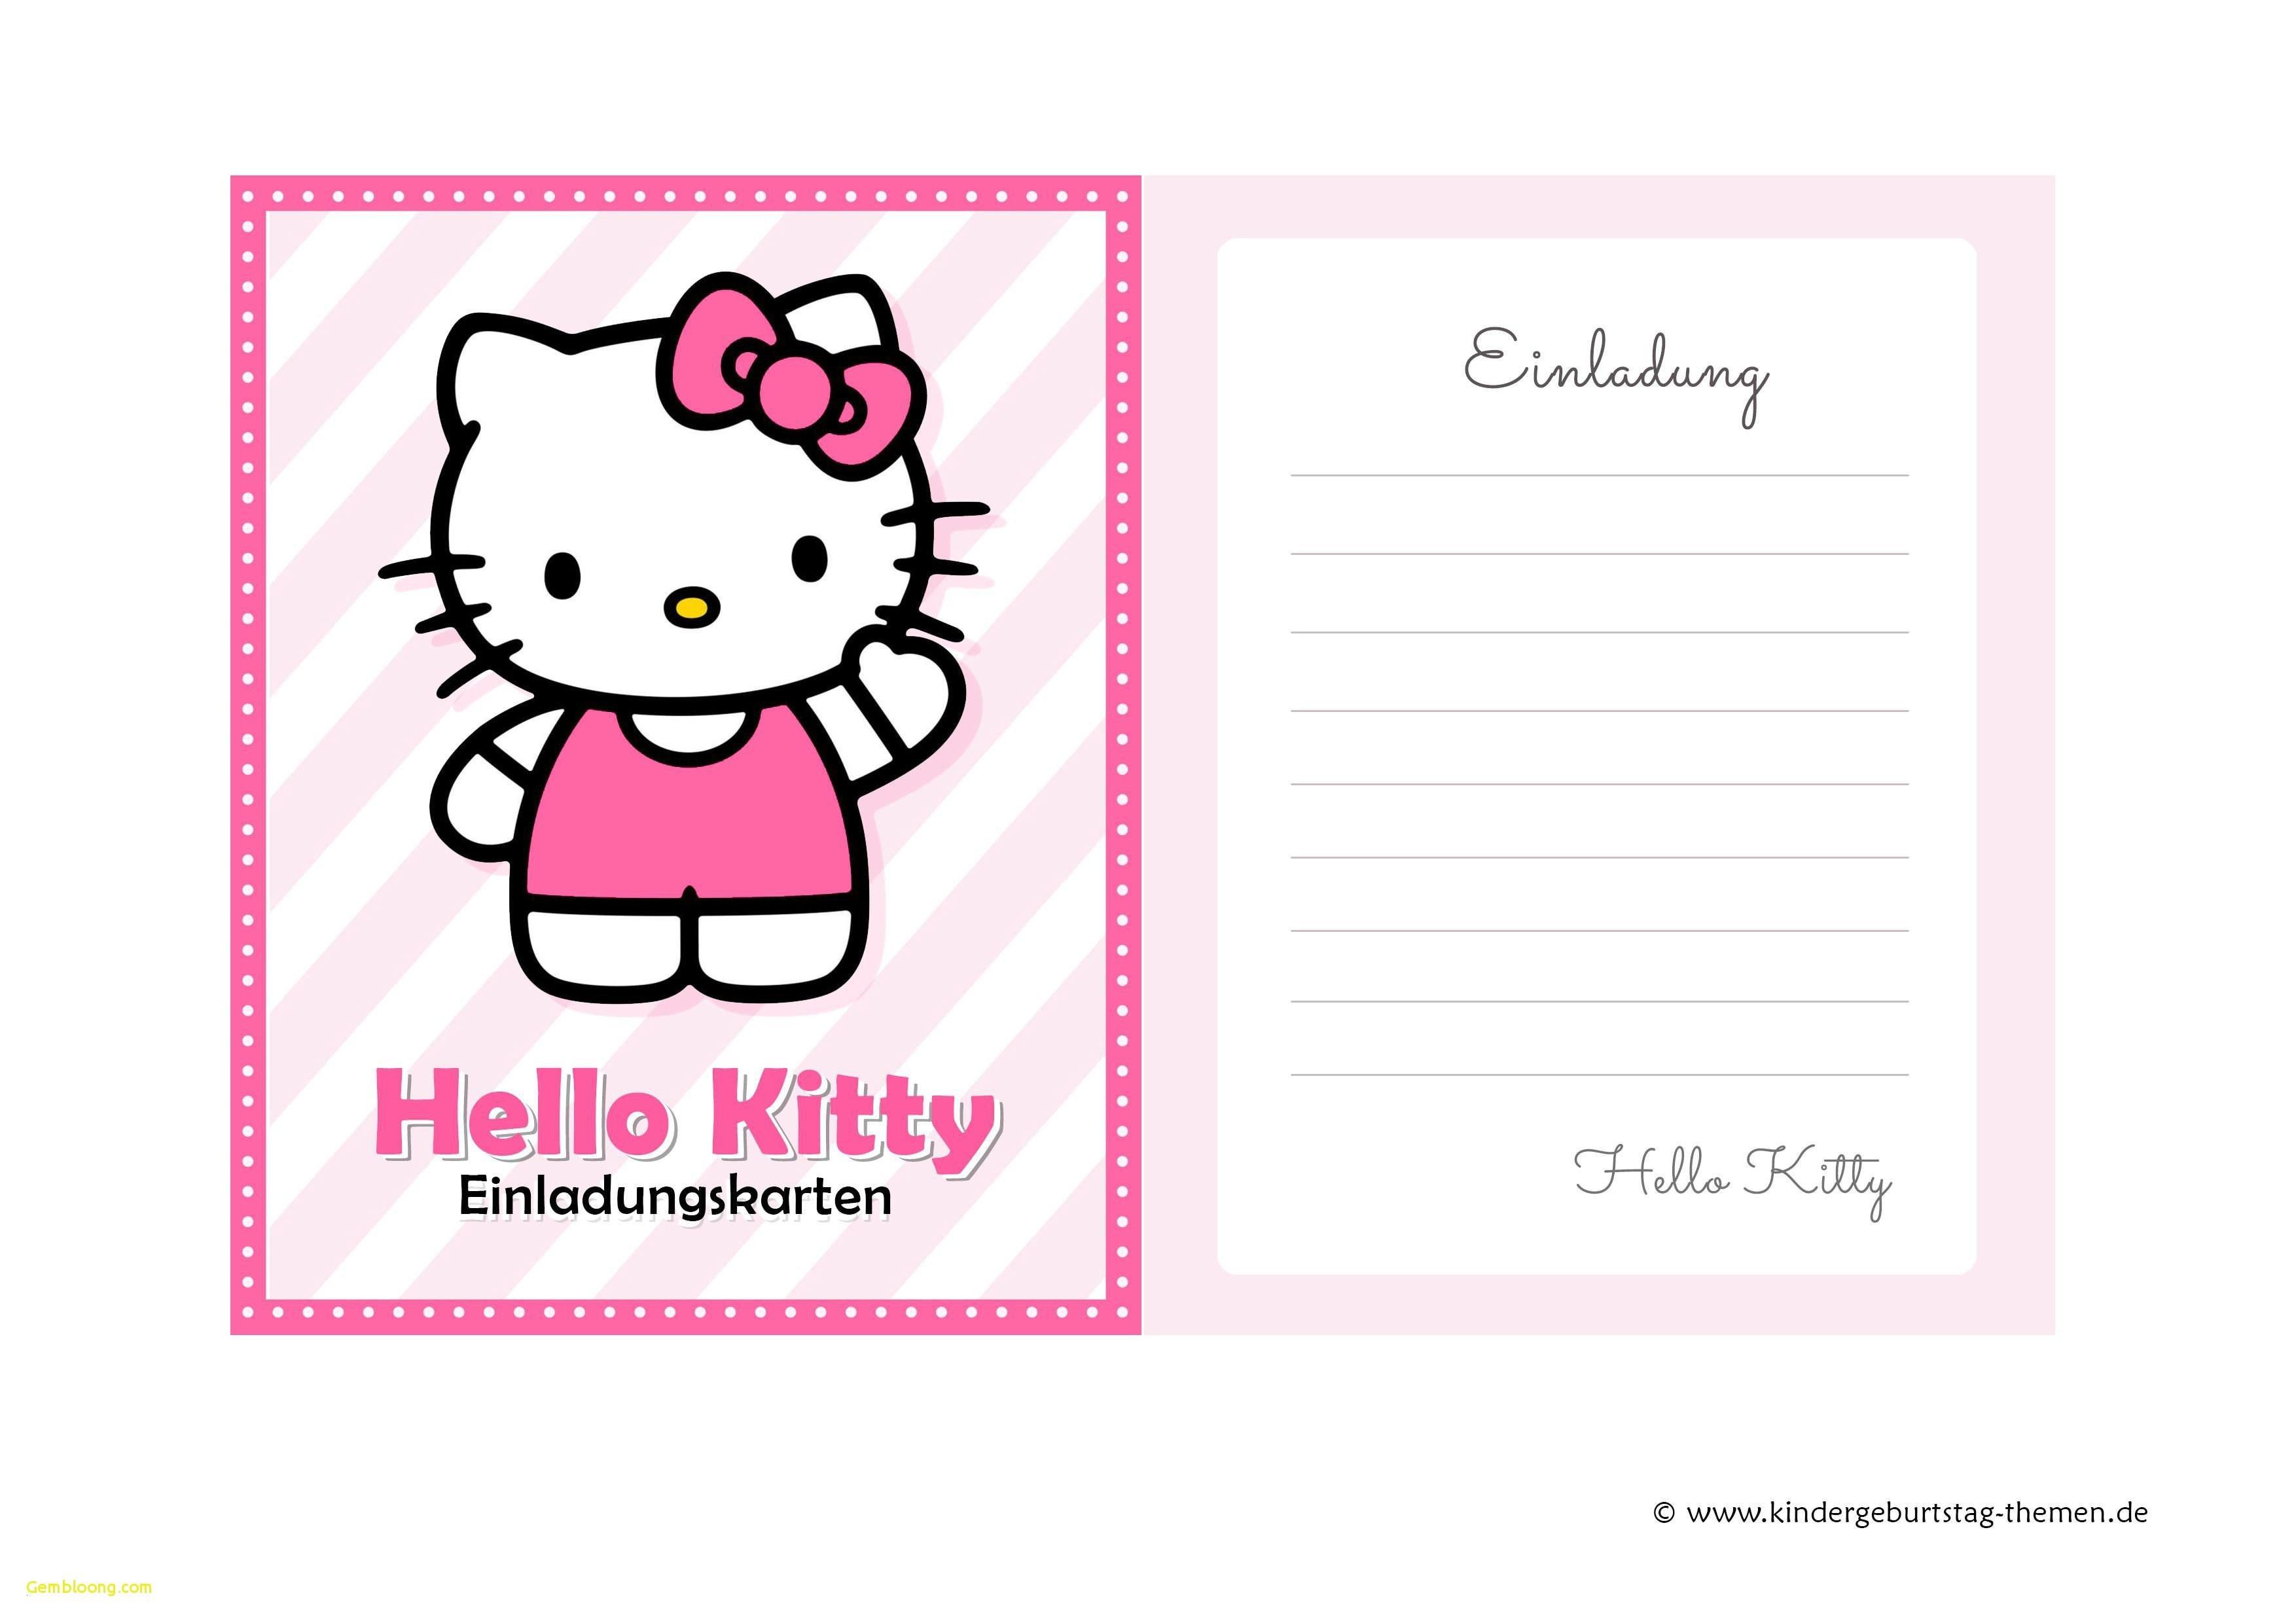 Geburtstagskarte Ausdrucken Kostenlos Genial Geburtstagskarte Selbst Gestalten Und Ausdrucken Wunderbar Fotografieren